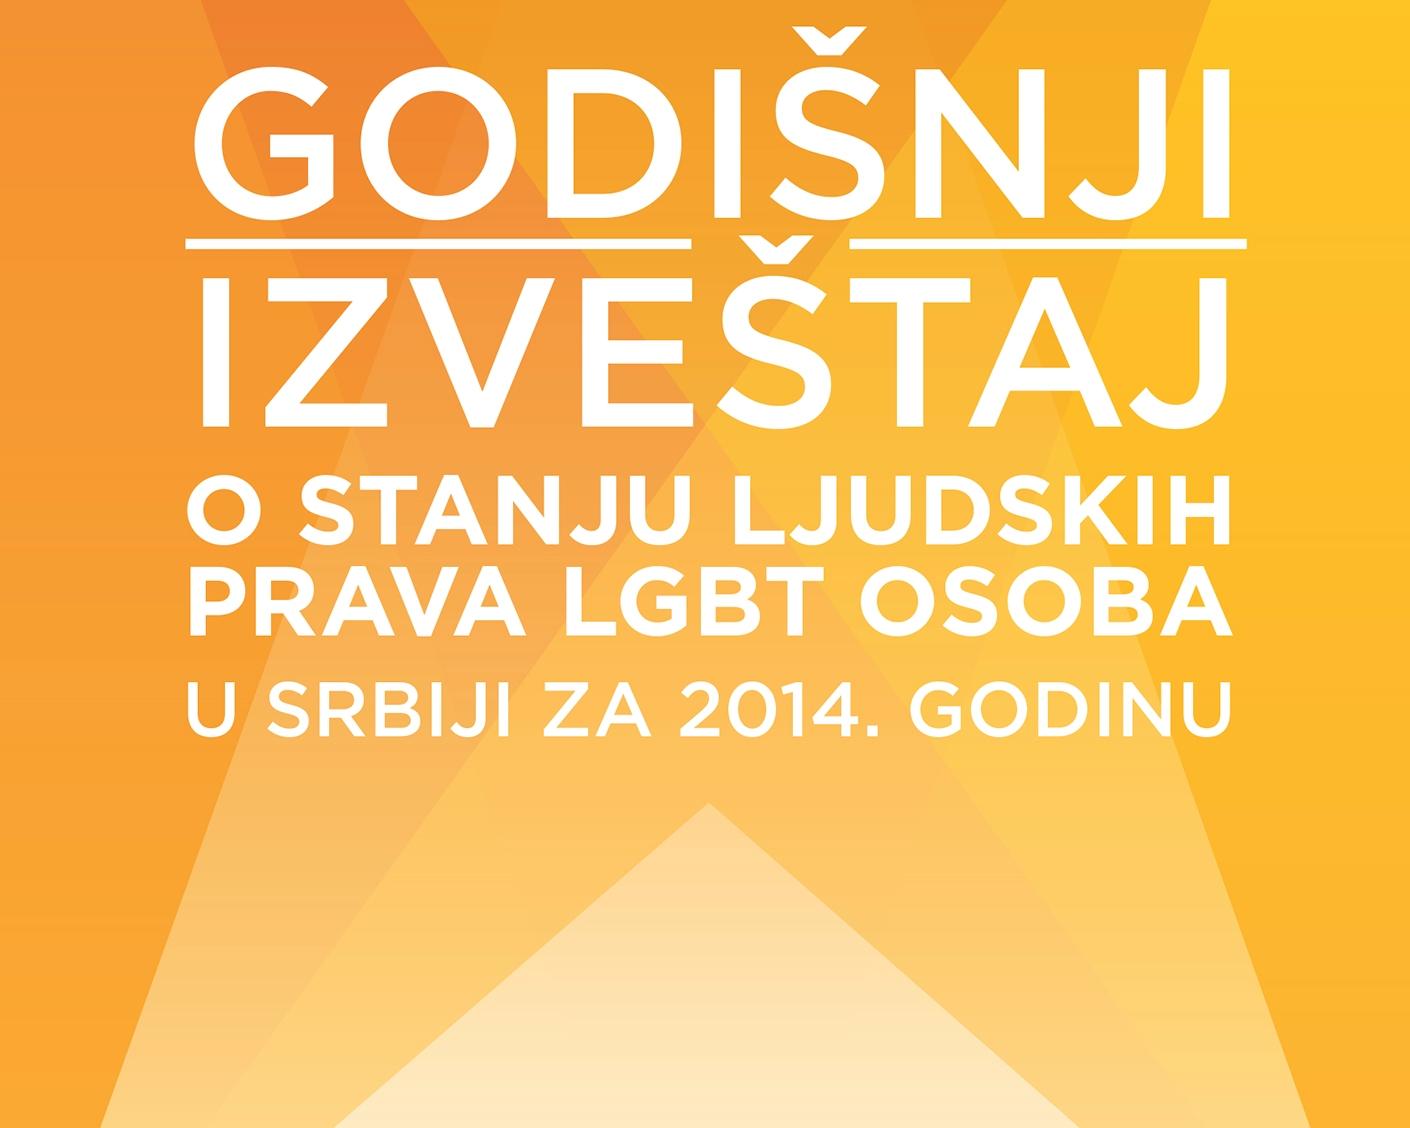 Godišnji izveštaj o stanju ljudskih prava LGBT osoba u Srbiji za 2014. godinu